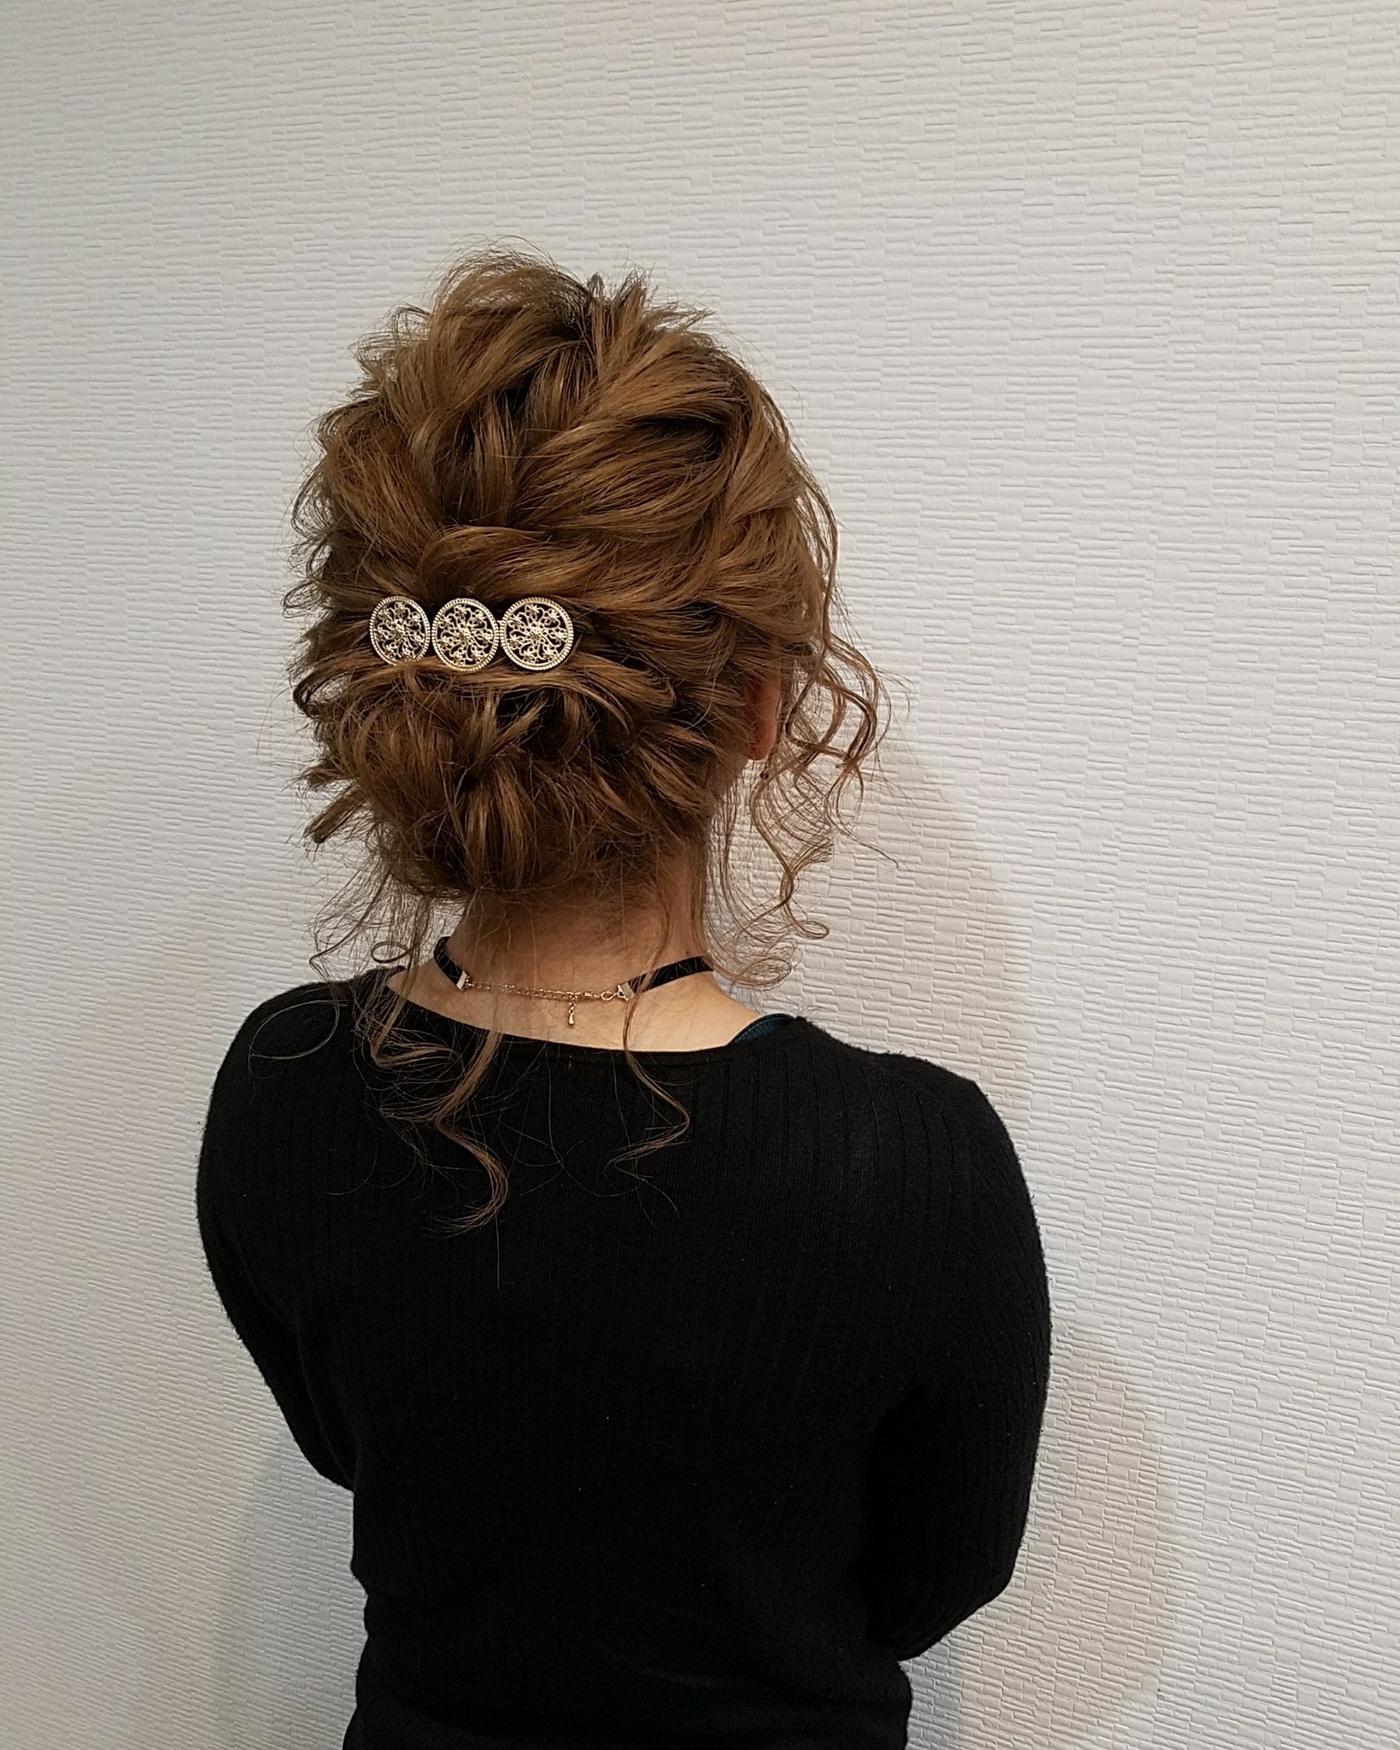 #ヘアセット #セットサロン #ヘアセット #ヘアアレンジ #アップ #アップへア #アップスタイル #結婚式 #結婚式ヘアアレンジ #結婚式ヘア #編み込みヘア #宮崎 #hair #hairset #hairstyle #hairarrange  #ヘアアレンジ #編み込み